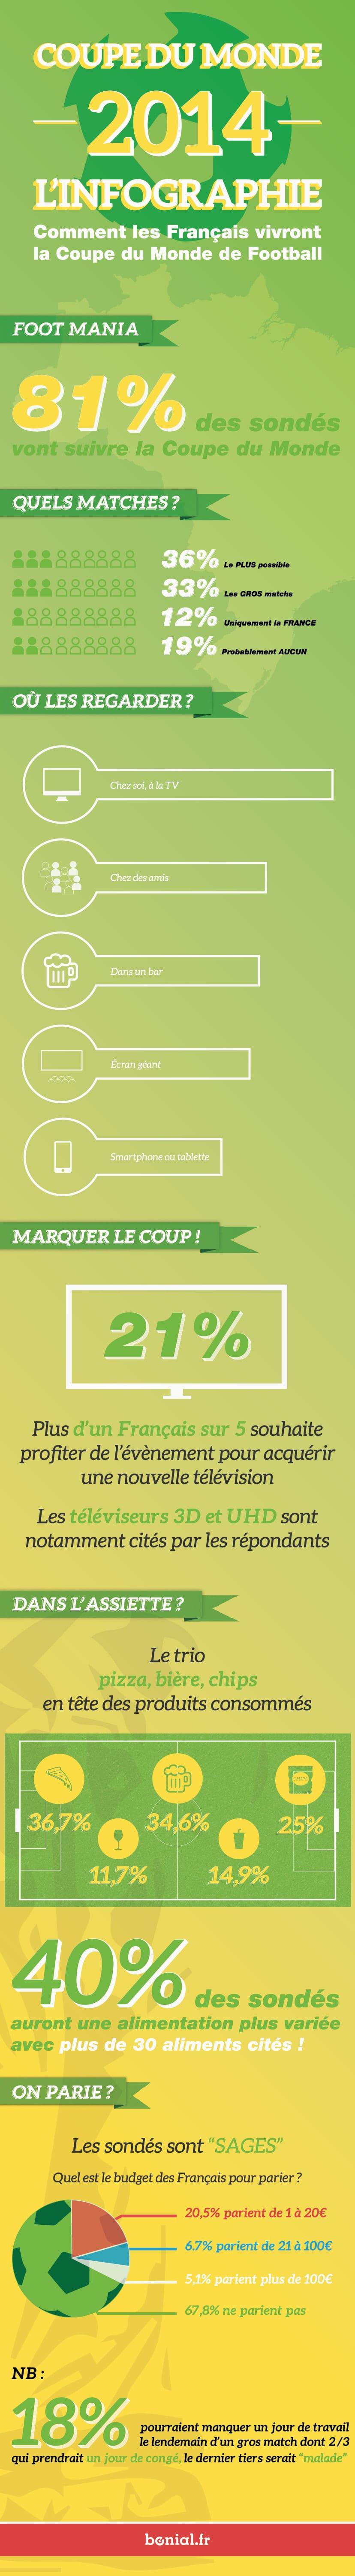 Infographic_world_cup_final_ultra_light-01 Infographie : Comment les français vivront la Coupe du Monde de Football